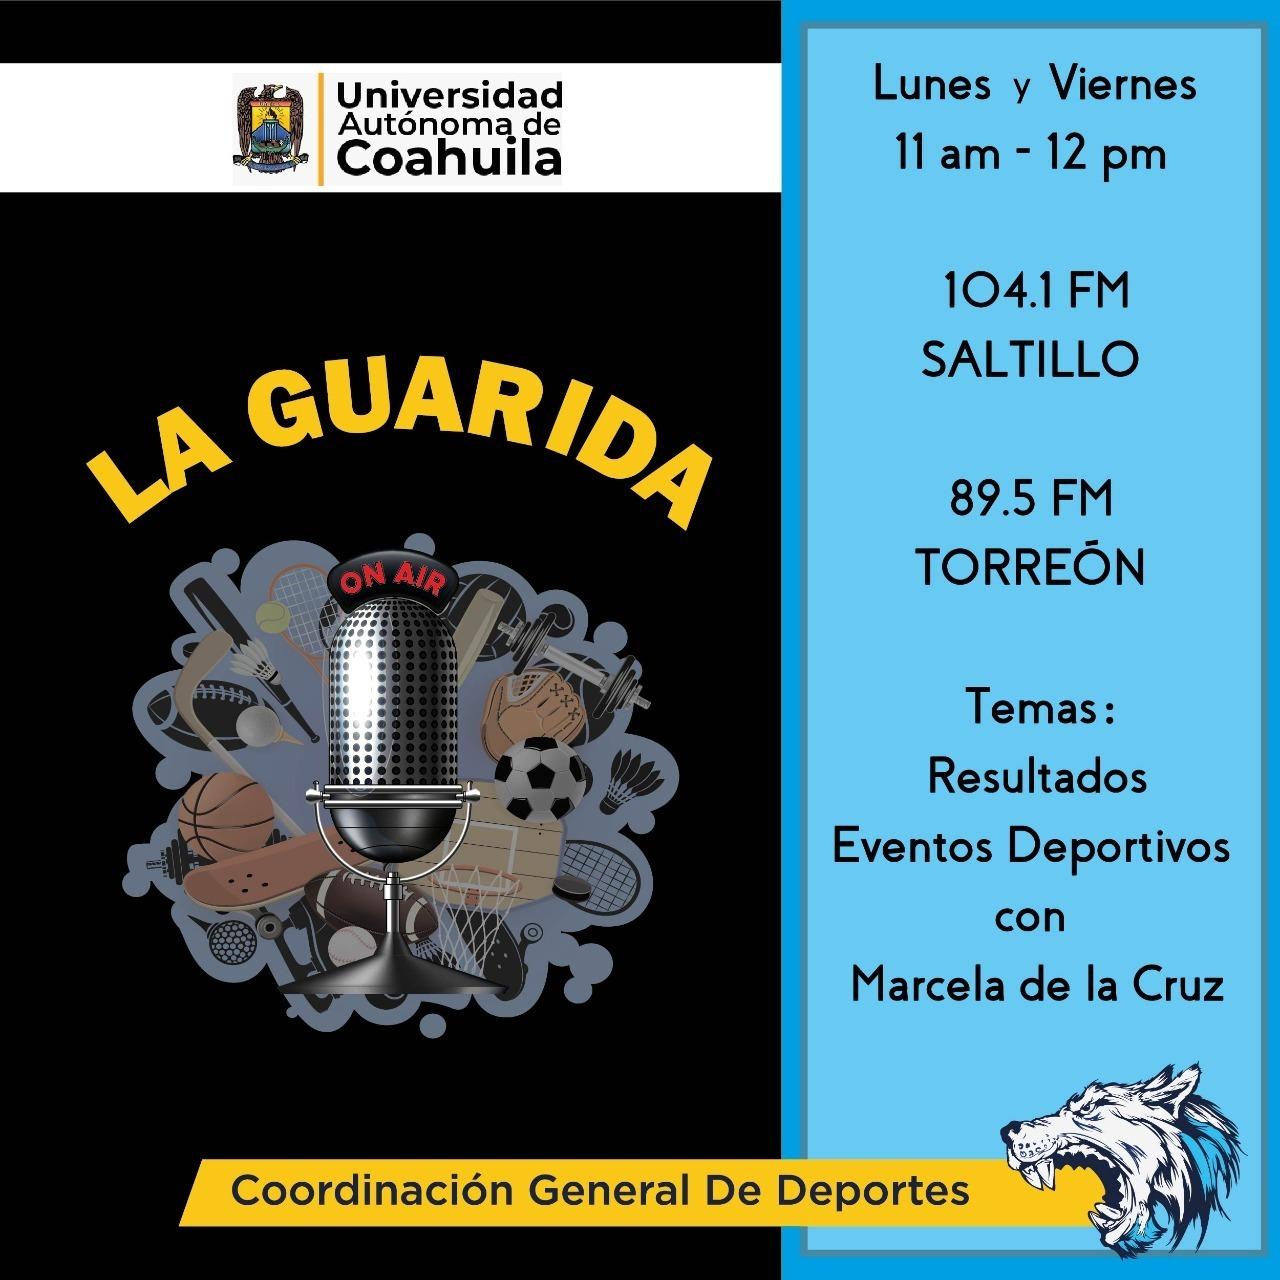 RadioUS-UT lunes y viernes de 11:00AM a 12:00PM